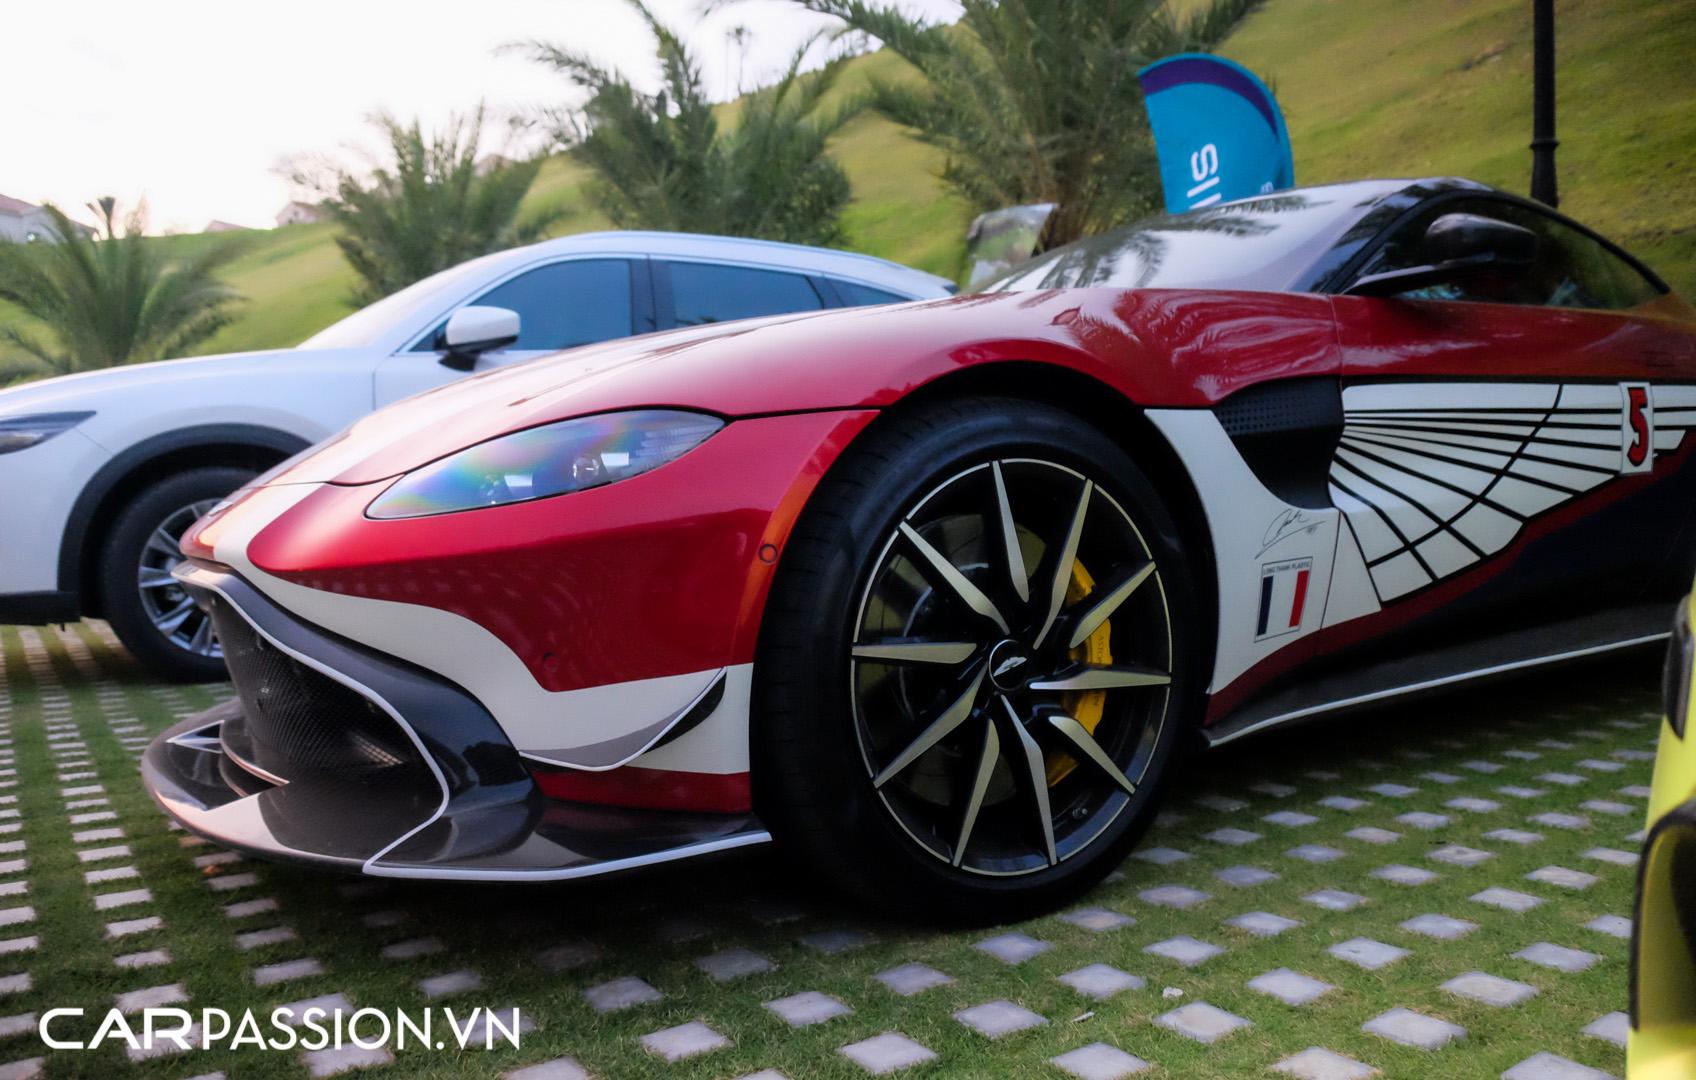 Aston Martin Vantage của doanh nhân Phạm Trần Nhật Minh (8).JPG